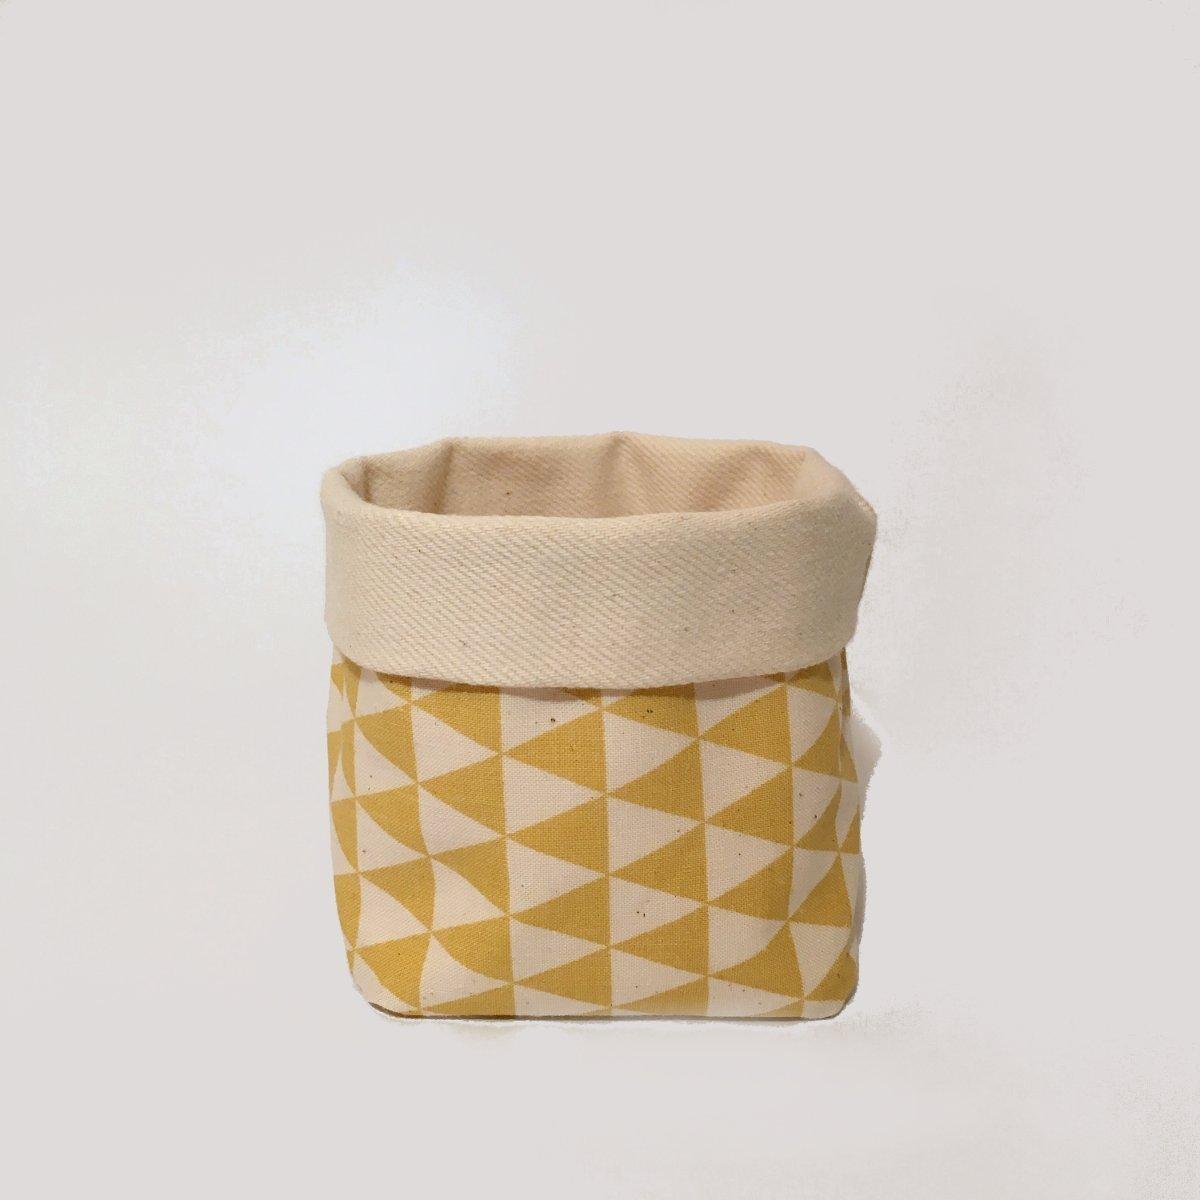 Utensilo Gelb-Weiß M I Stoff-Körbchen Organizer - Handmade von Nuu Berlin I Aufbewahrungs-Box Für Bad, Schlaf- Und Kinder-Zimmer I 10 x 10 x 13 cm